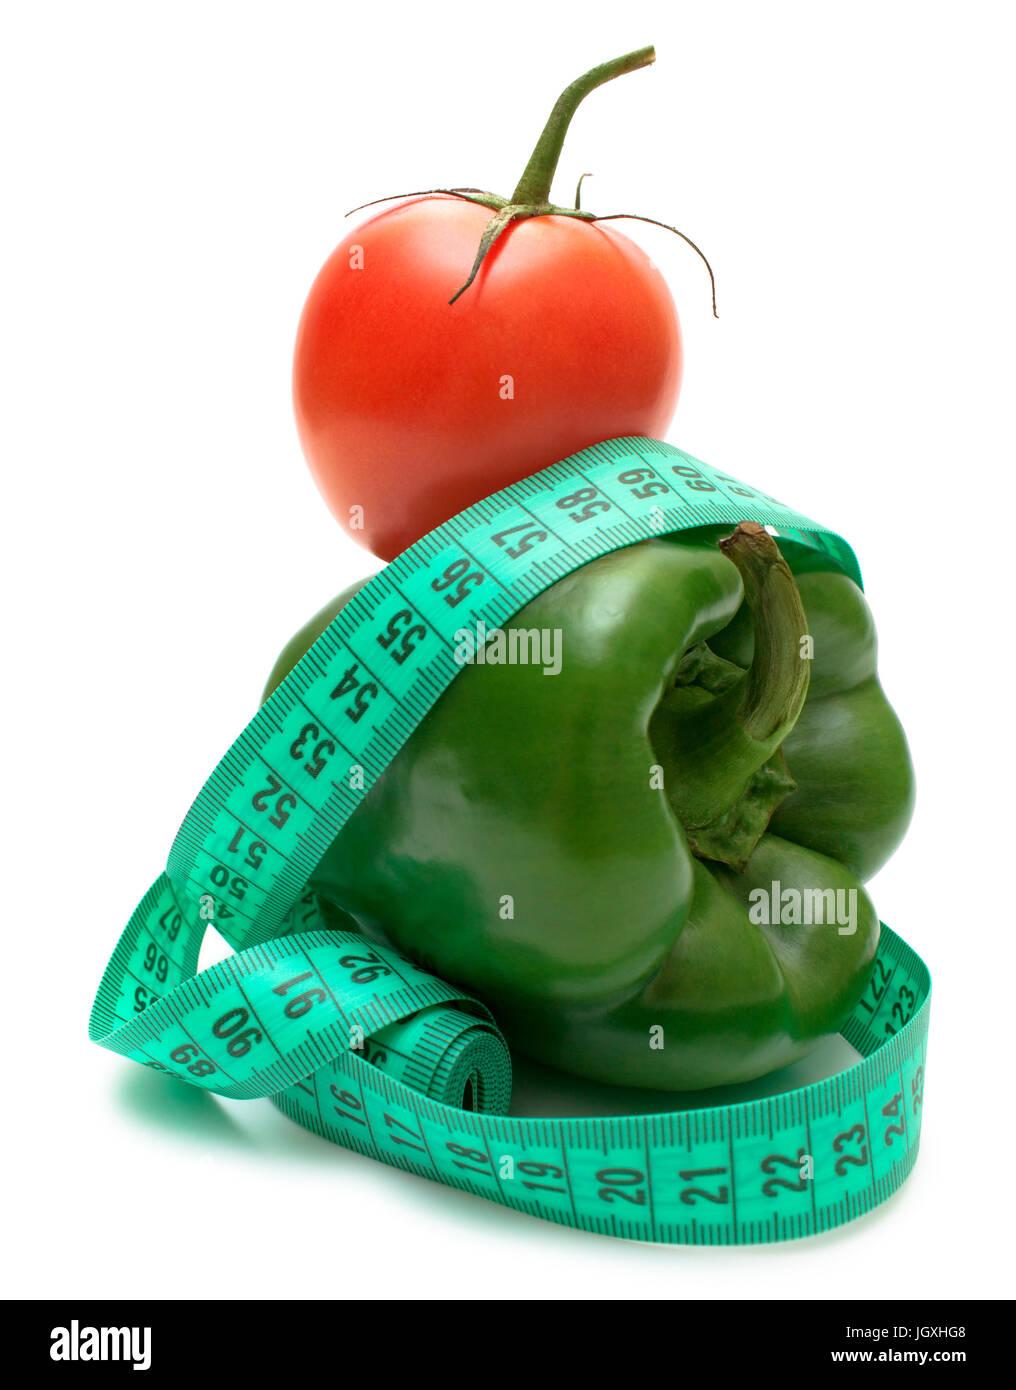 Dieta Ideal par de pimiento verde (búlgaro) y tomate aislado en blanco. Imagen De Stock